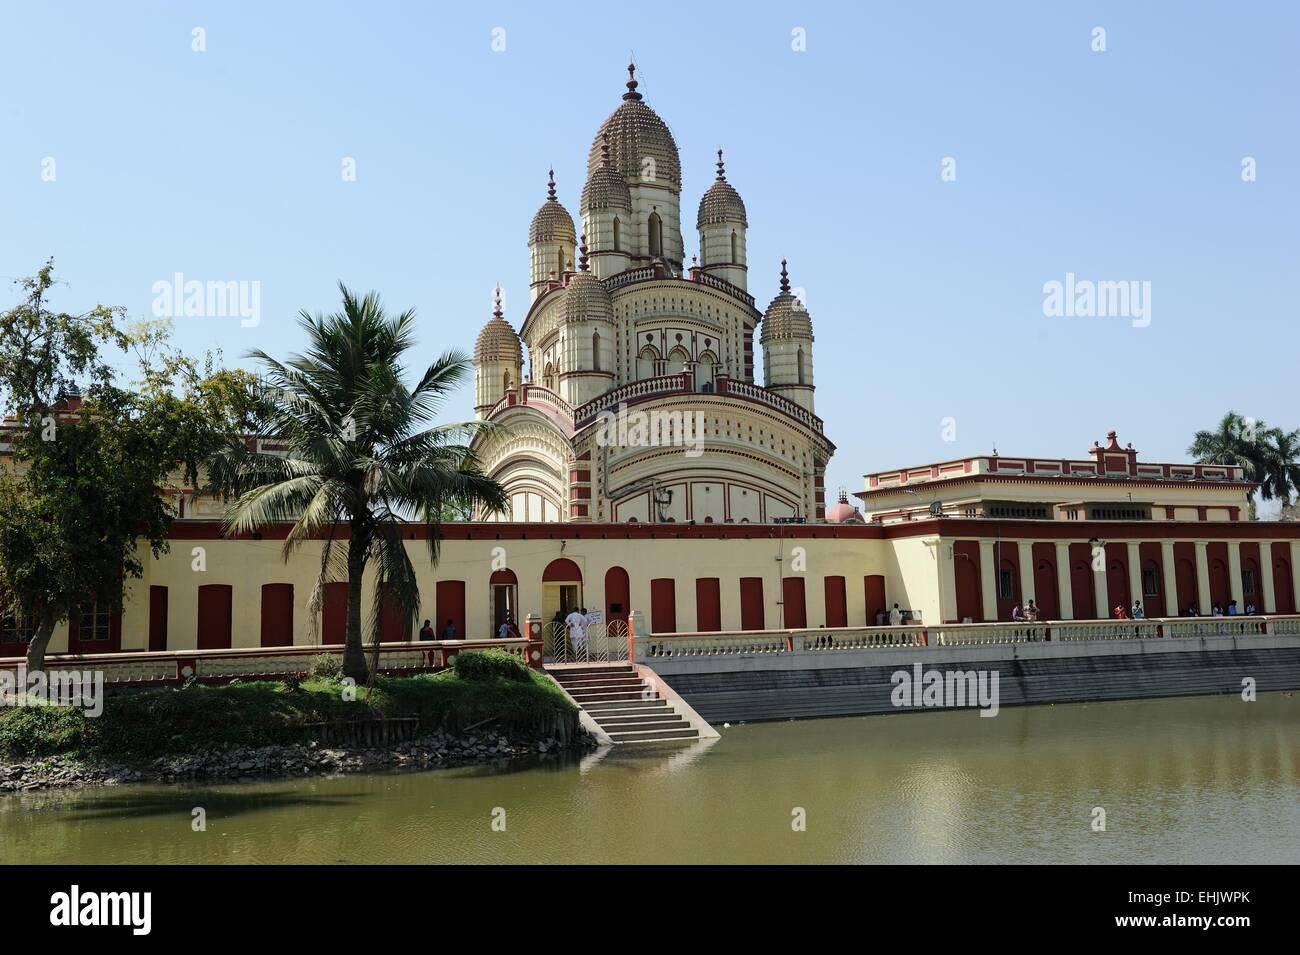 Temple in Kolkata - Stock Image